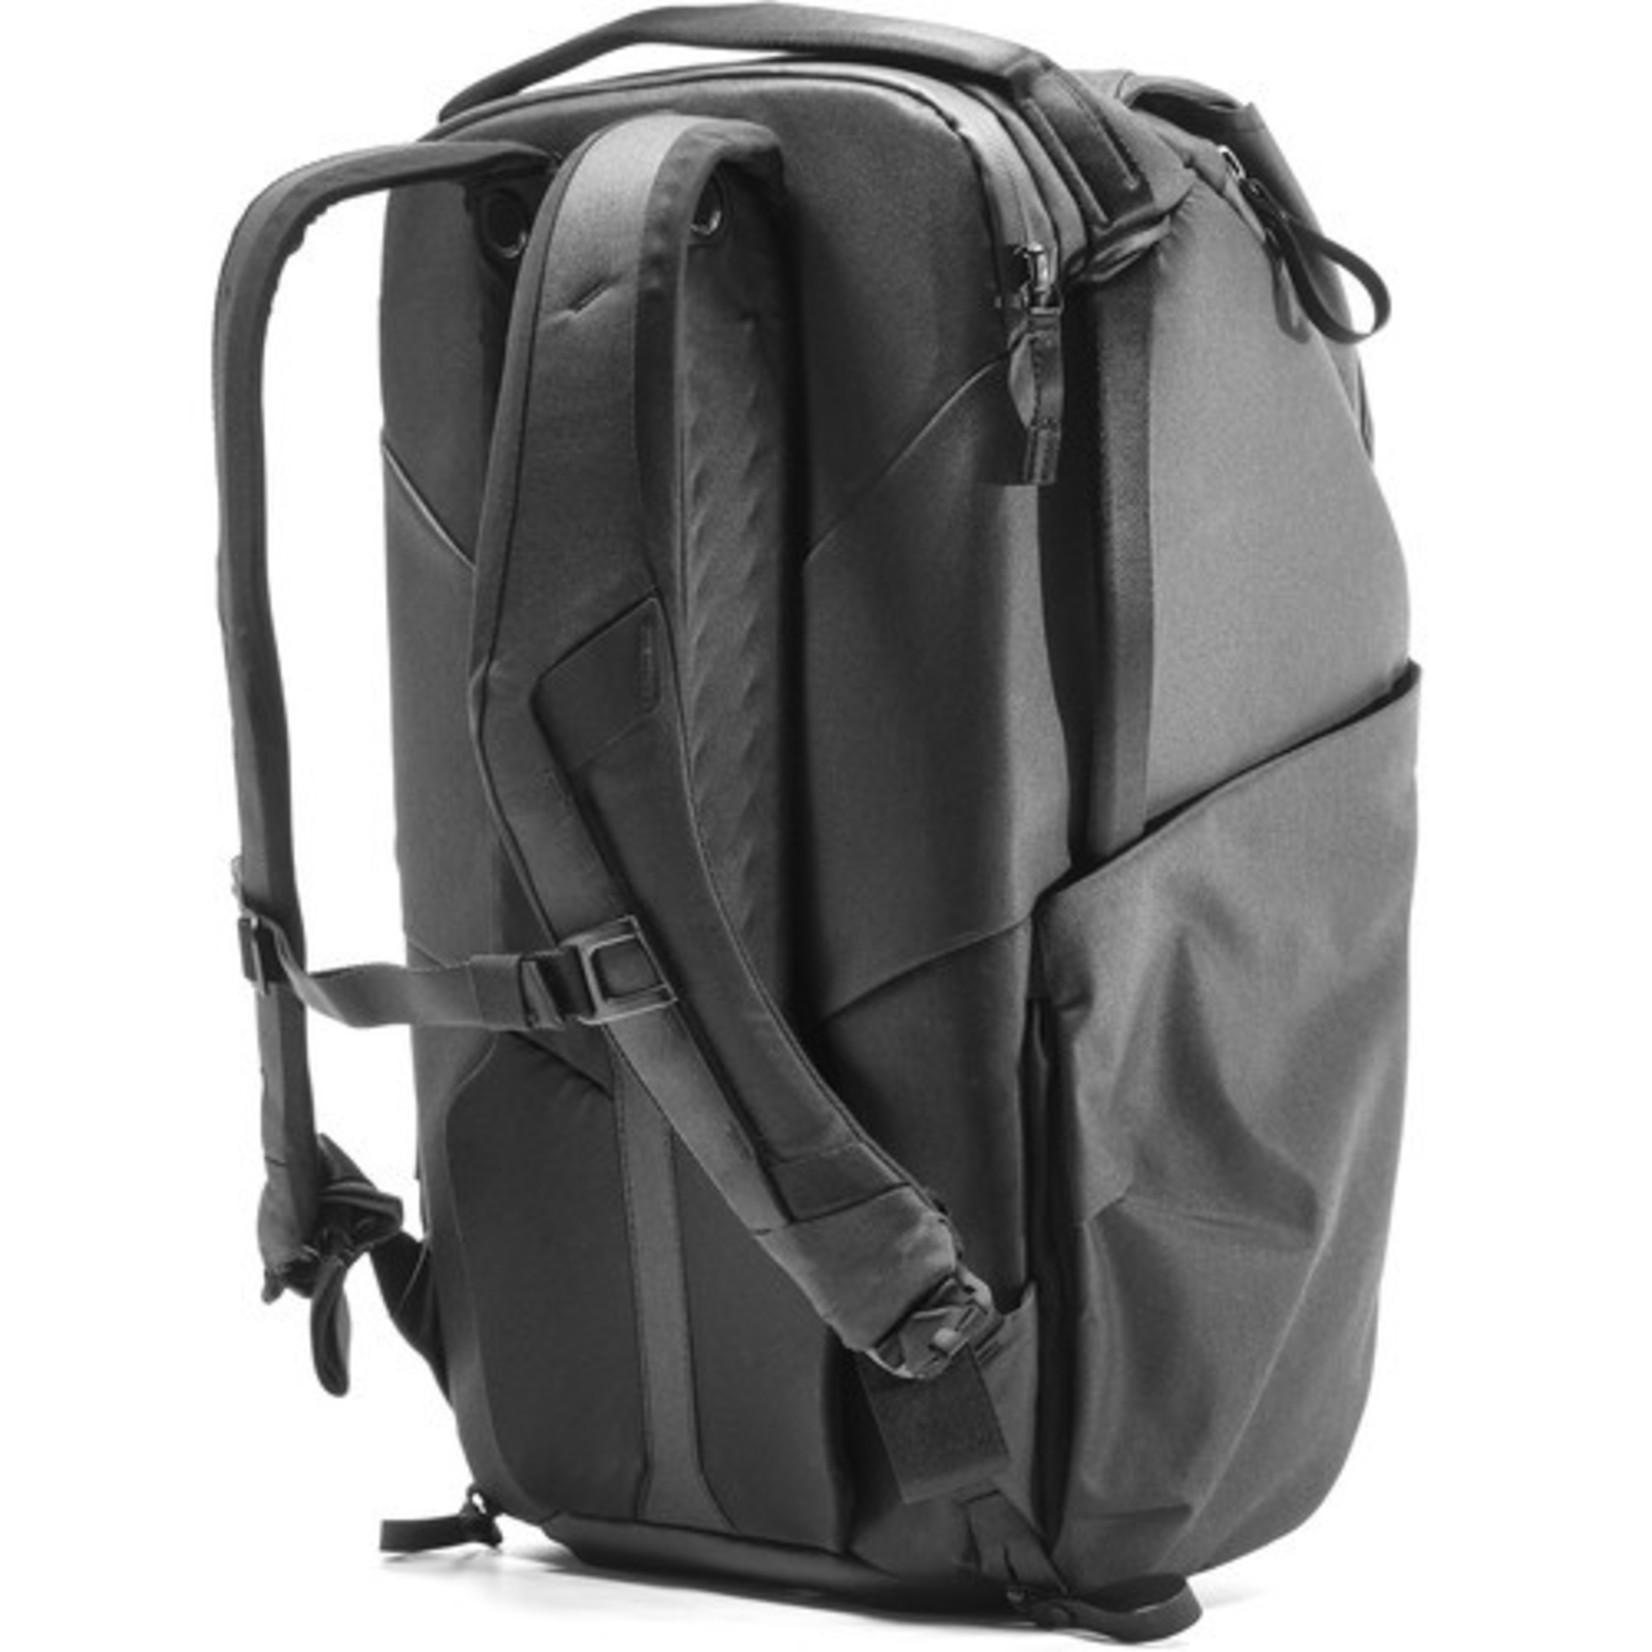 Peak Design Everyday Backpack 30L v2 - Black